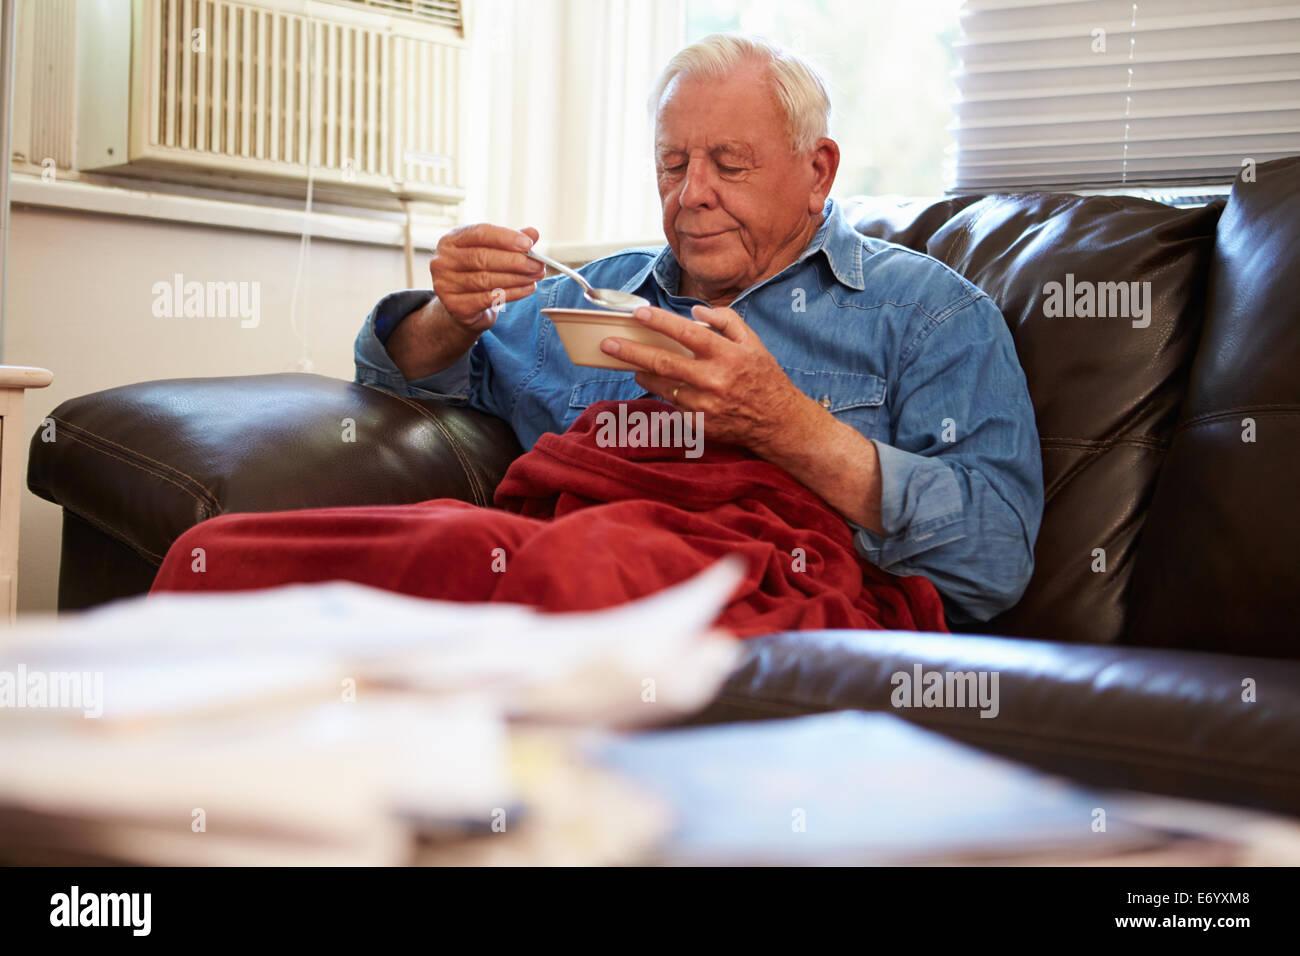 Hombre senior con una dieta deficiente mantenimiento bajo una manta cálida Imagen De Stock